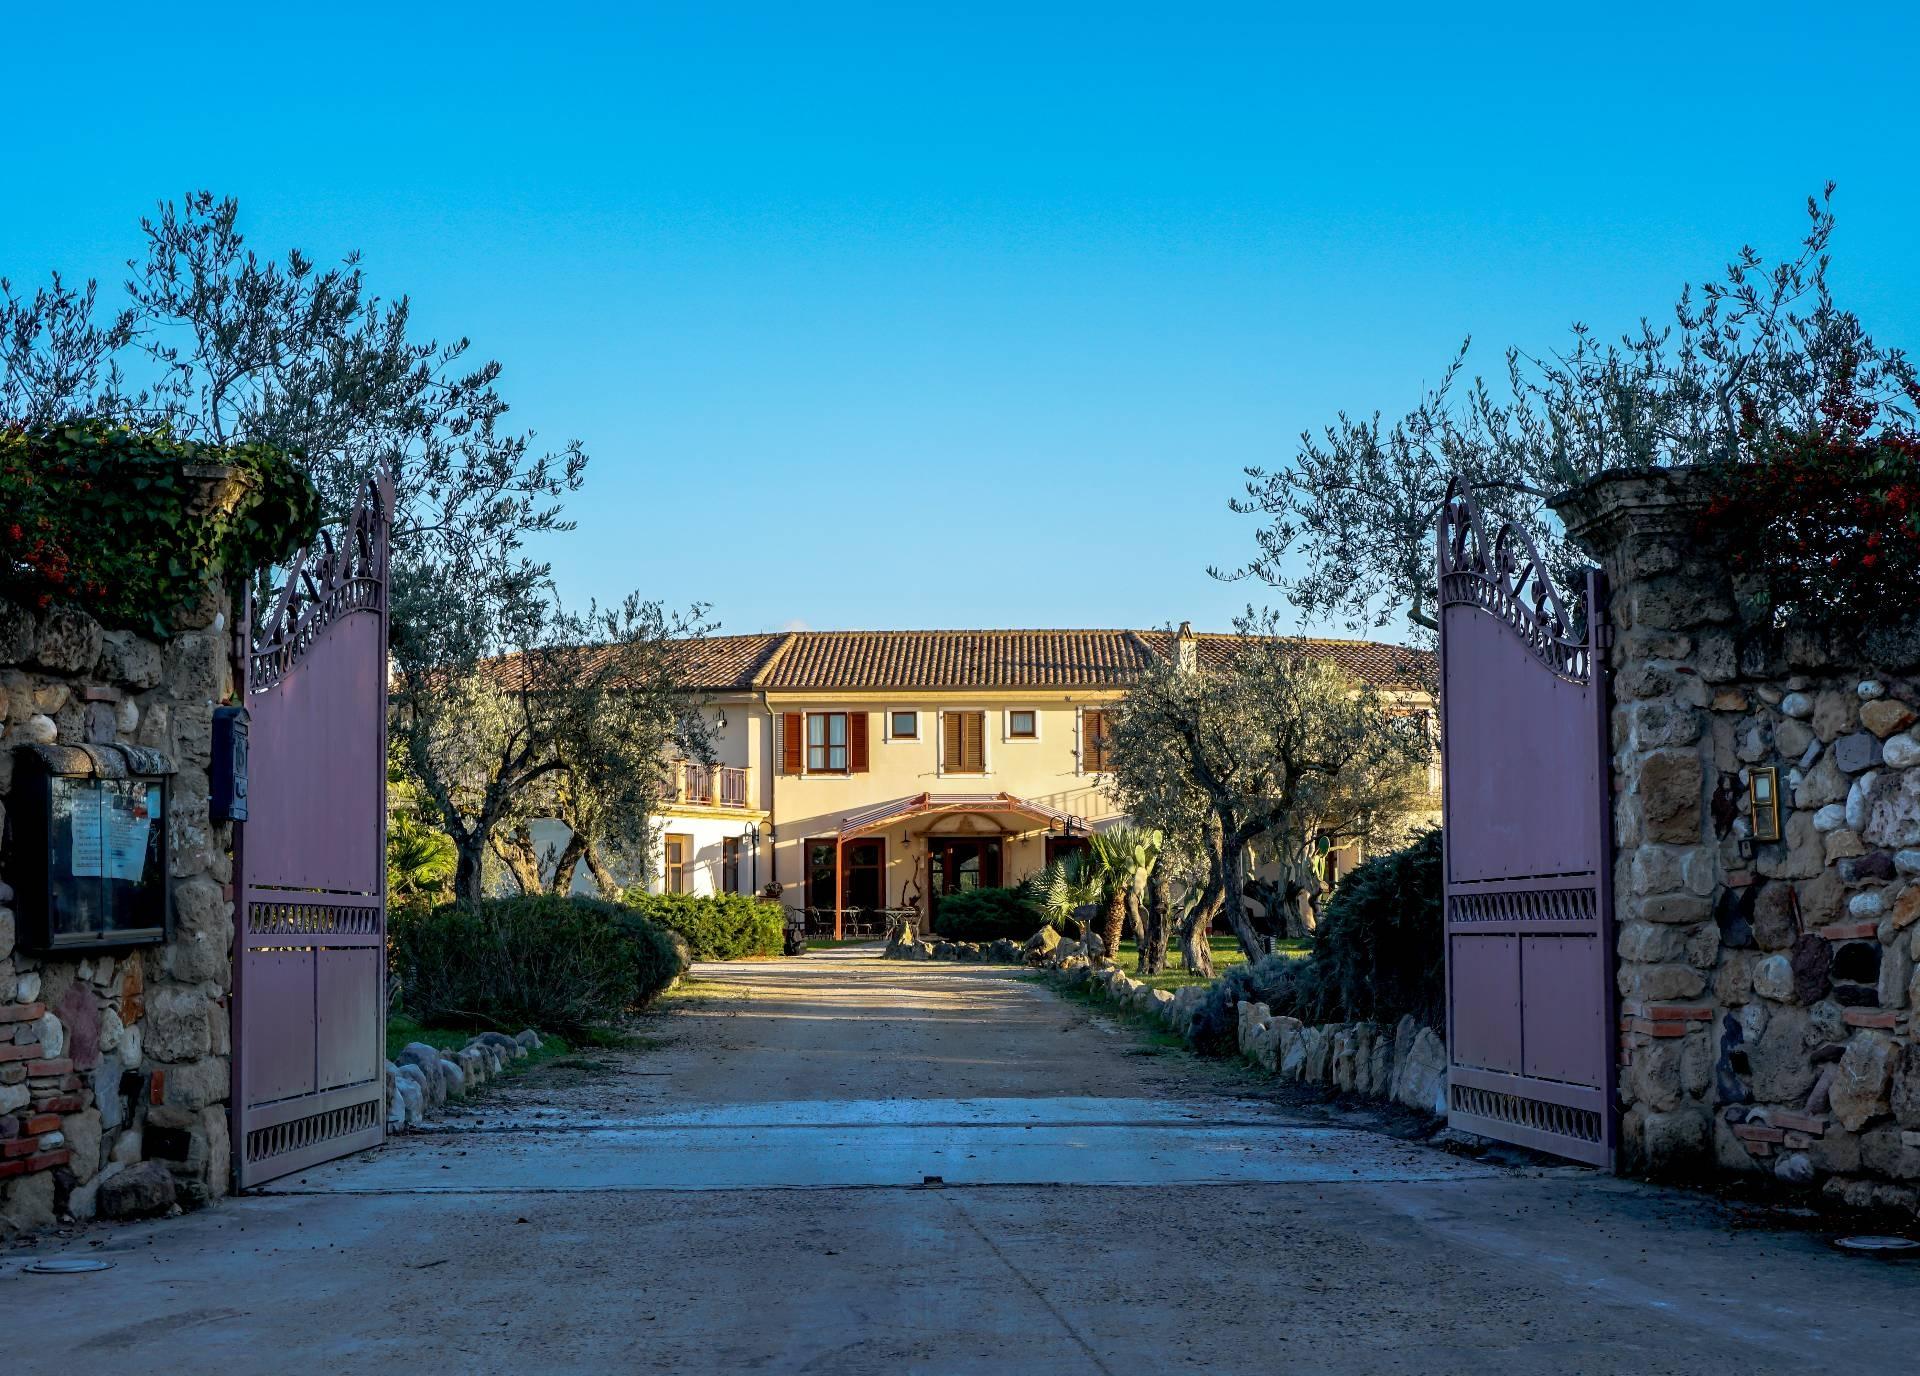 Foto - Appartamento In Vendita Alghero (ss)